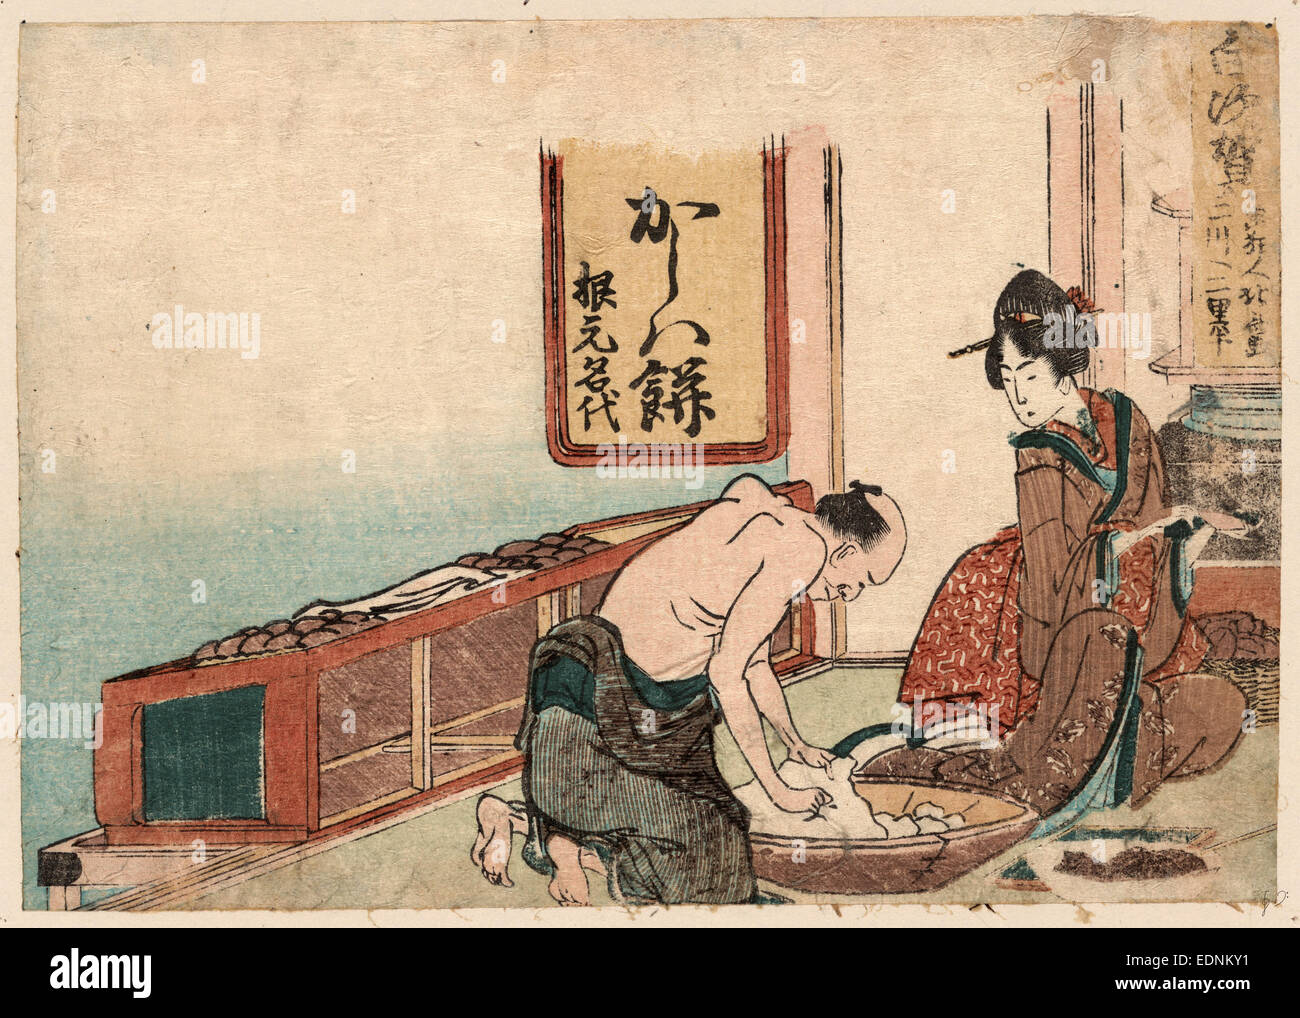 Shirasuka, Katsushika, Hokusai, 1760-1849, artist, 1804 ... Hokusai Woman